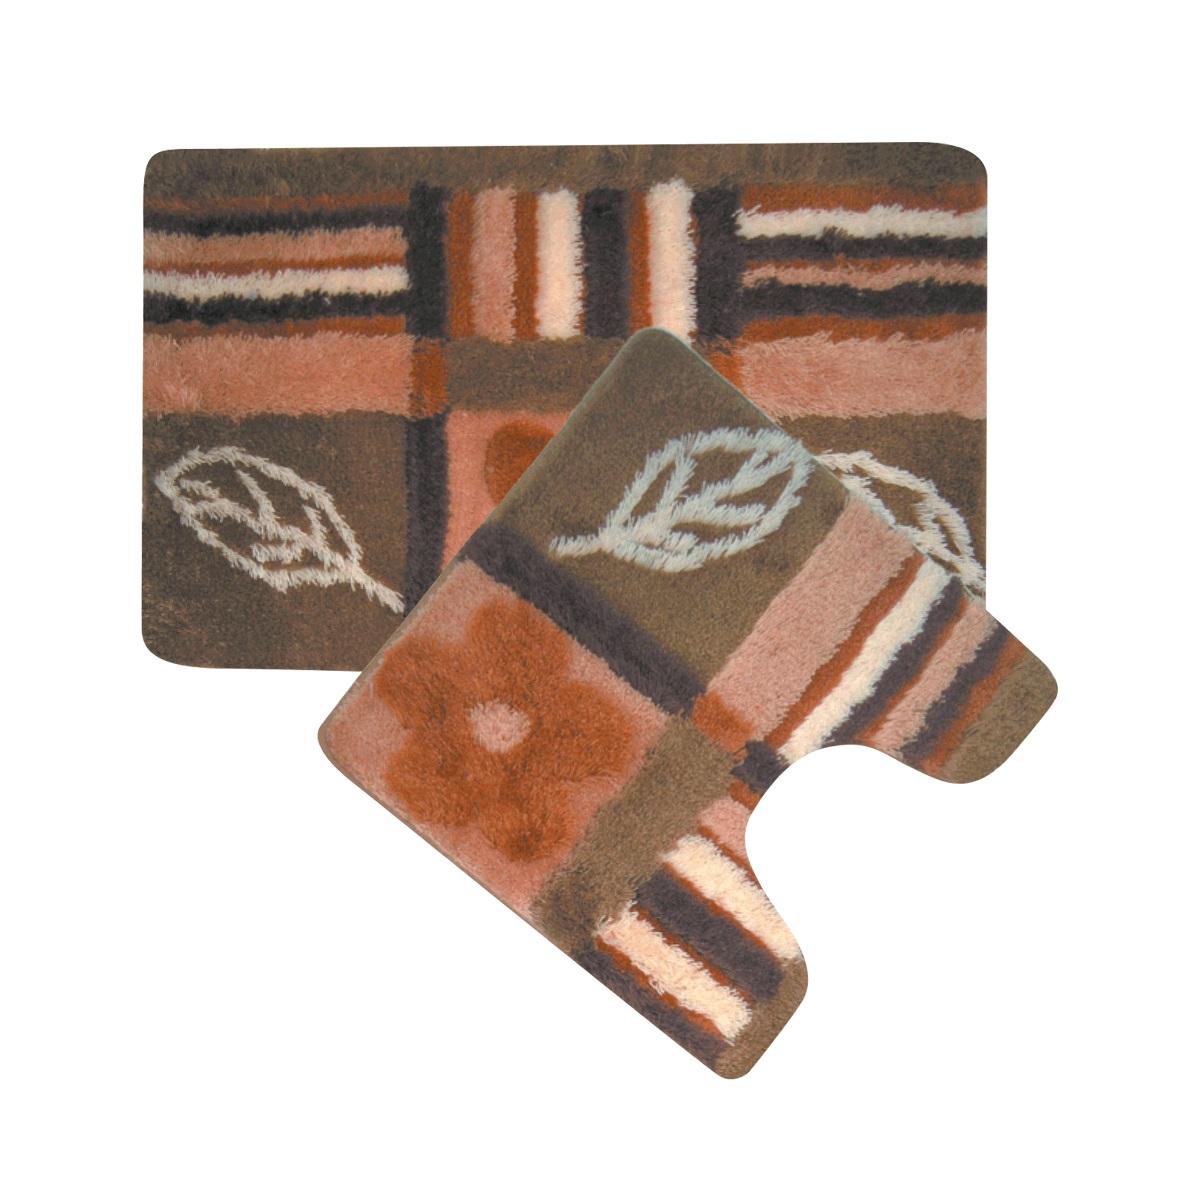 Набор ковриков для ванной Iddis Nature Solo, цвет: коричневый, 50 х 80 см, 50 х 50 см, 2 штMID130ASнабор из двух ковриков: для ванной 50*80 + для туалета 50*50, материал: 100% акрил, высота ворса от 1,5 до 2,5 см., латексная основа, упаковка ПП пакет,